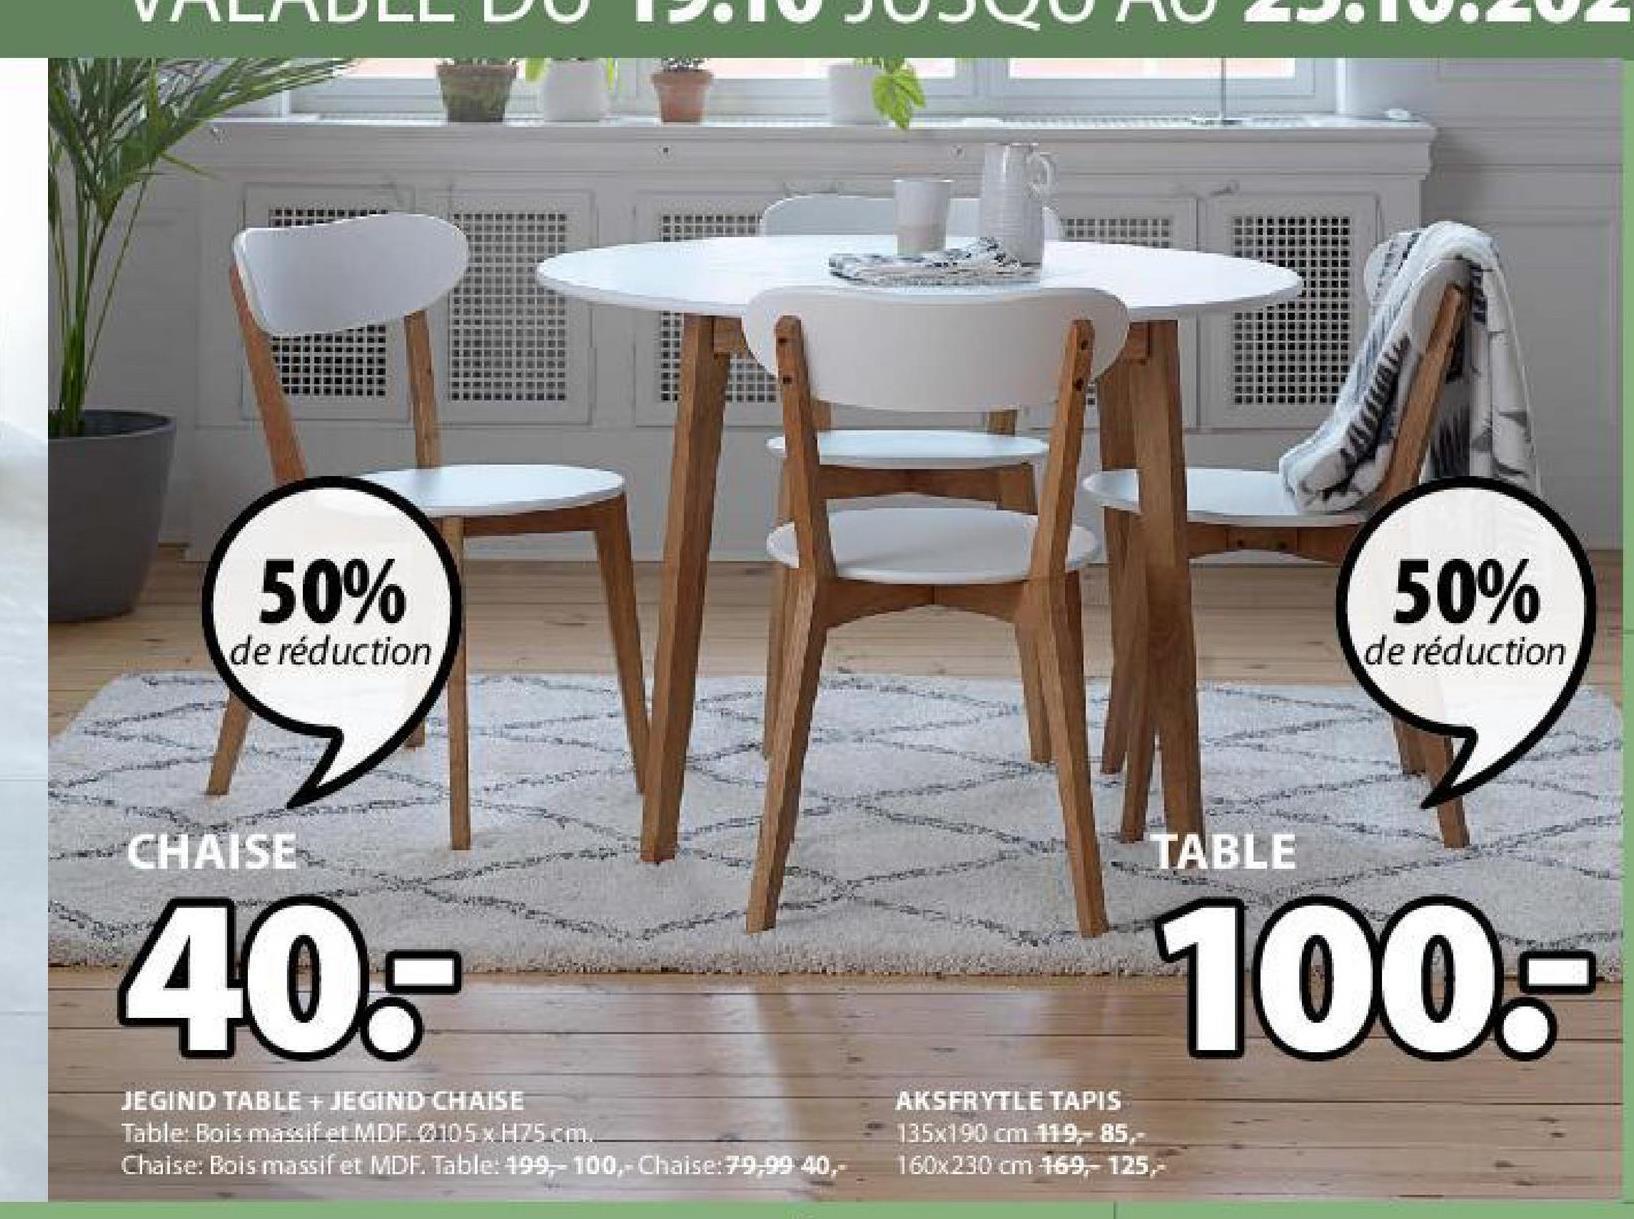 50% 50% de réduction de réduction CHAISE TABLE 40- 100- JEGIND TABLE + JEGIND-CHAISE Table: Bois massif et MDF 4105 x H75cm. Chaise: Bois massif et MDF. Table: 199-100,-Chaise:79,99 40,- AKSFRYTLE TAPIS 135x190 cm 119,- 85,- 160x230 cm 169, 125,-